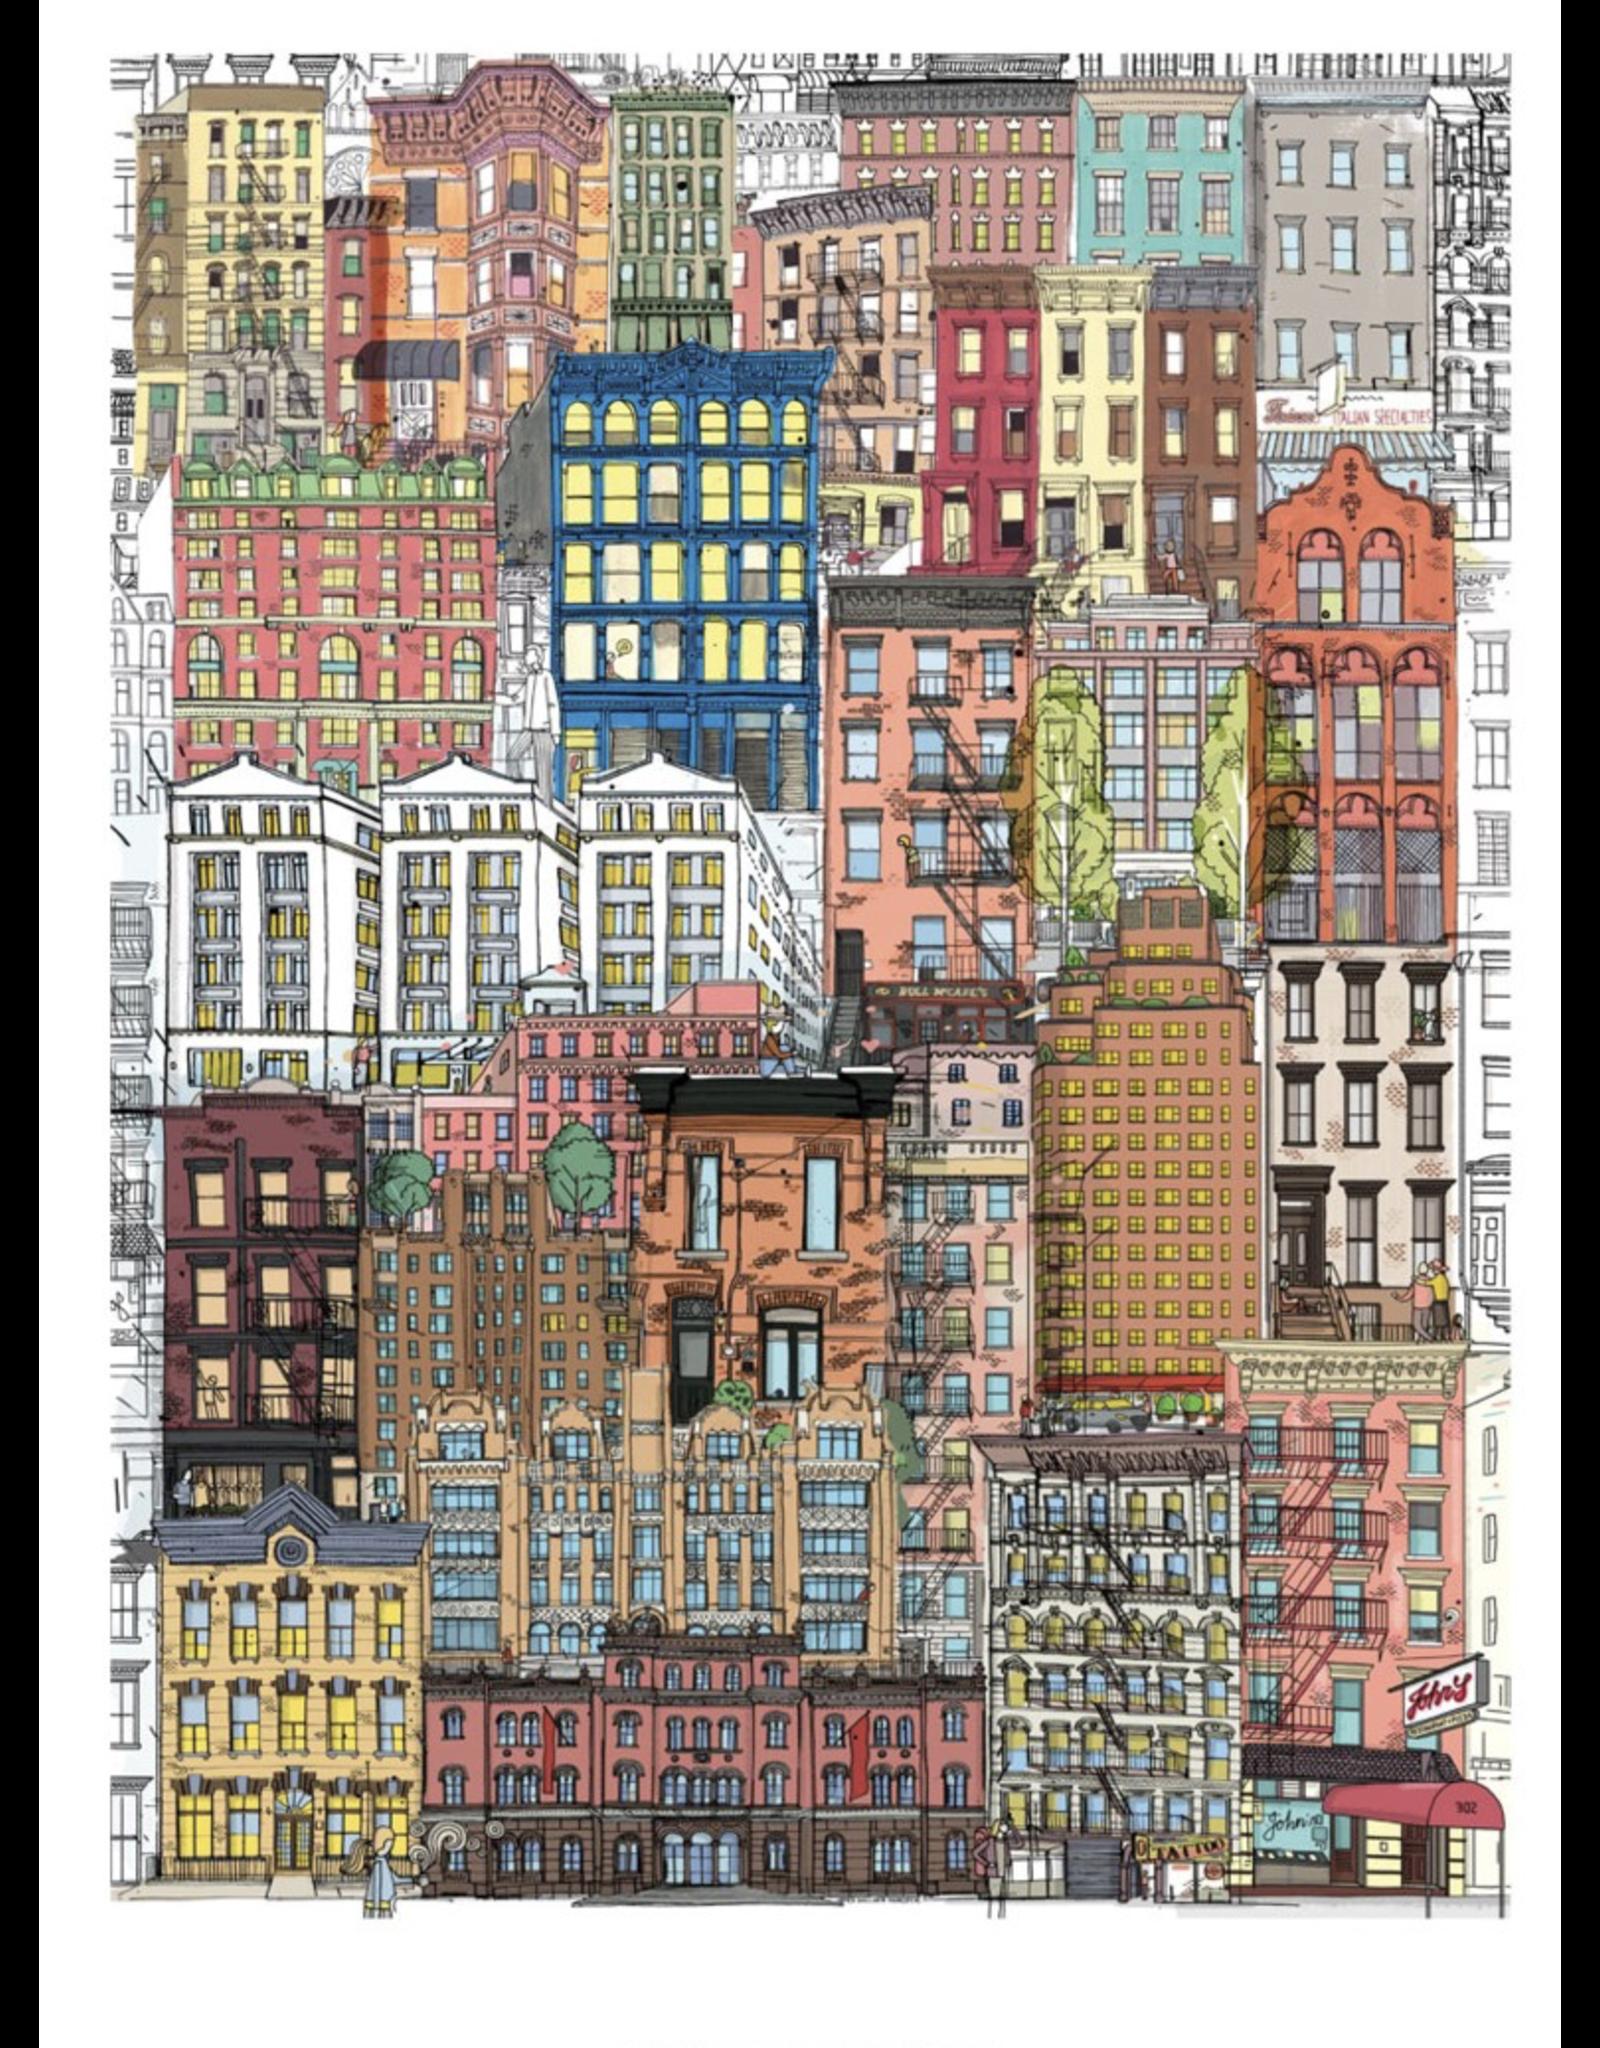 Werkshoppe City Life - 500 Piece Puzzle